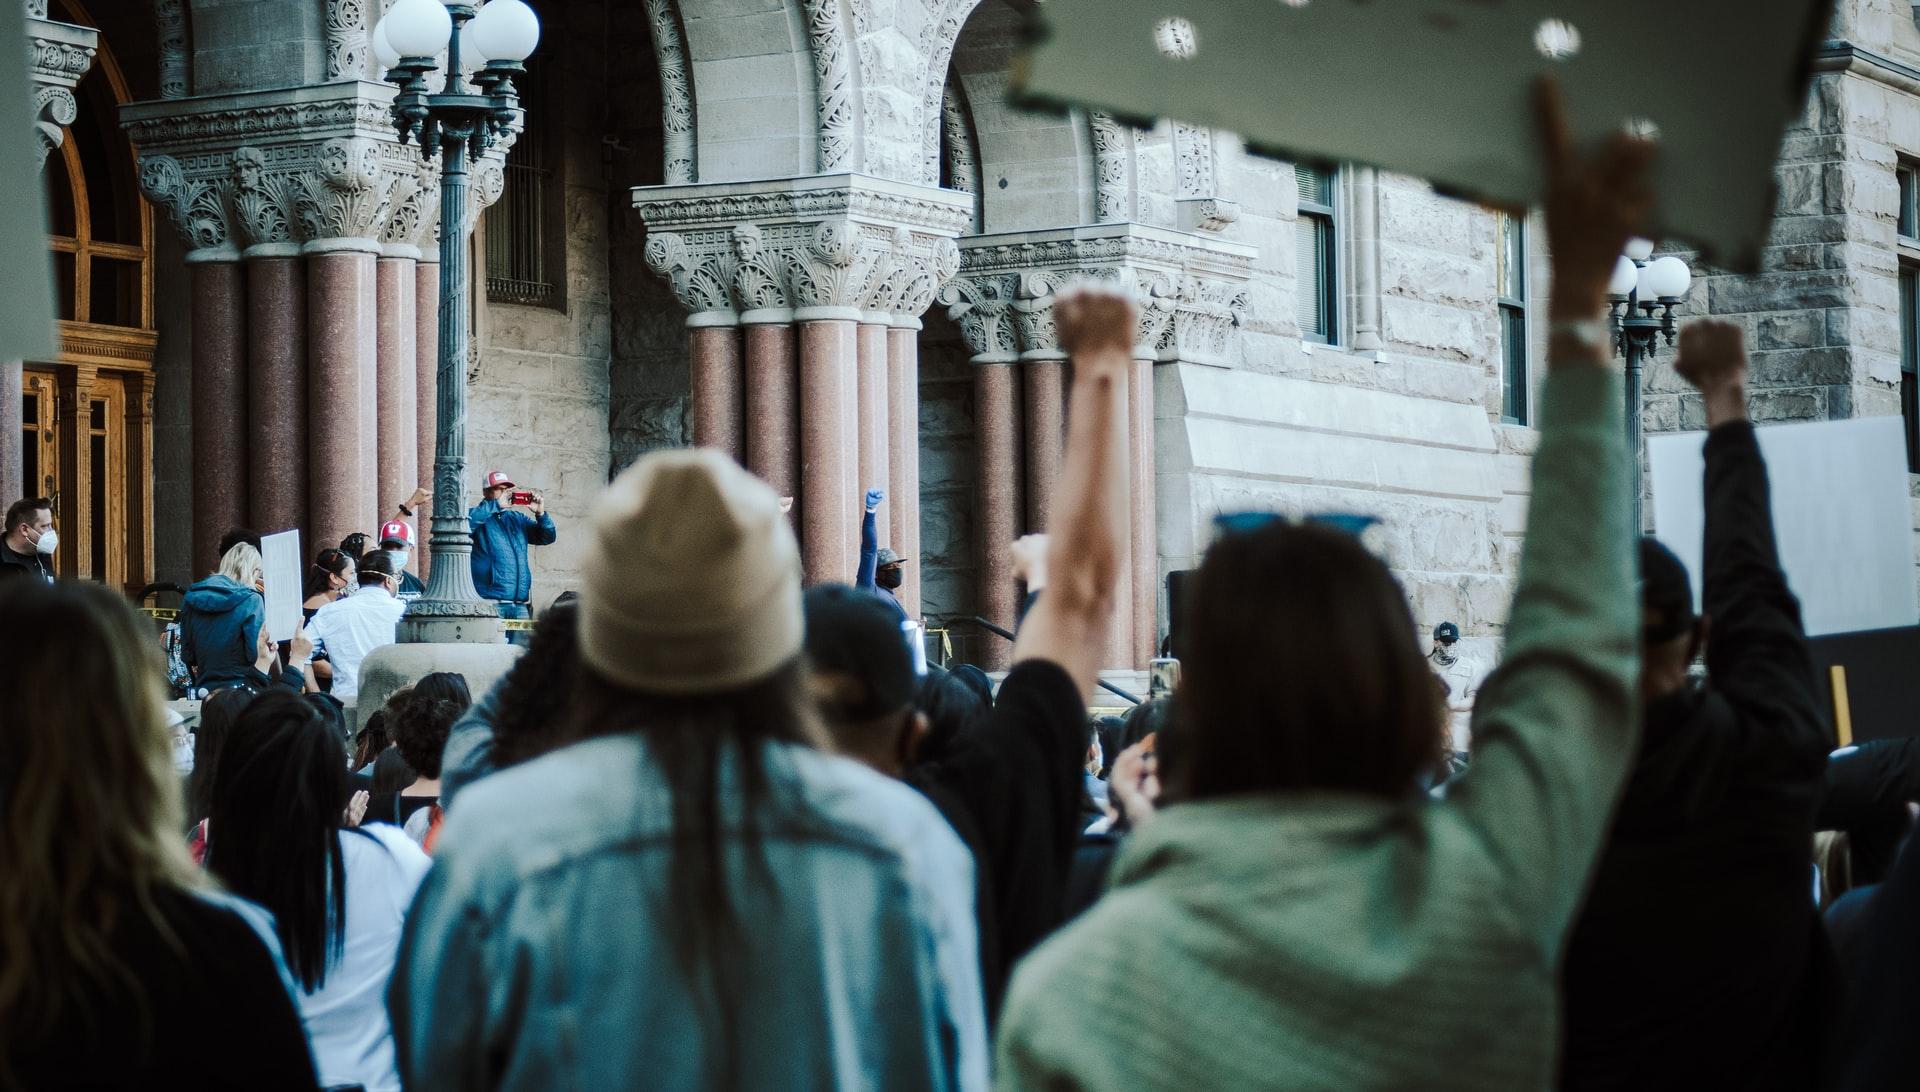 protestors, protests